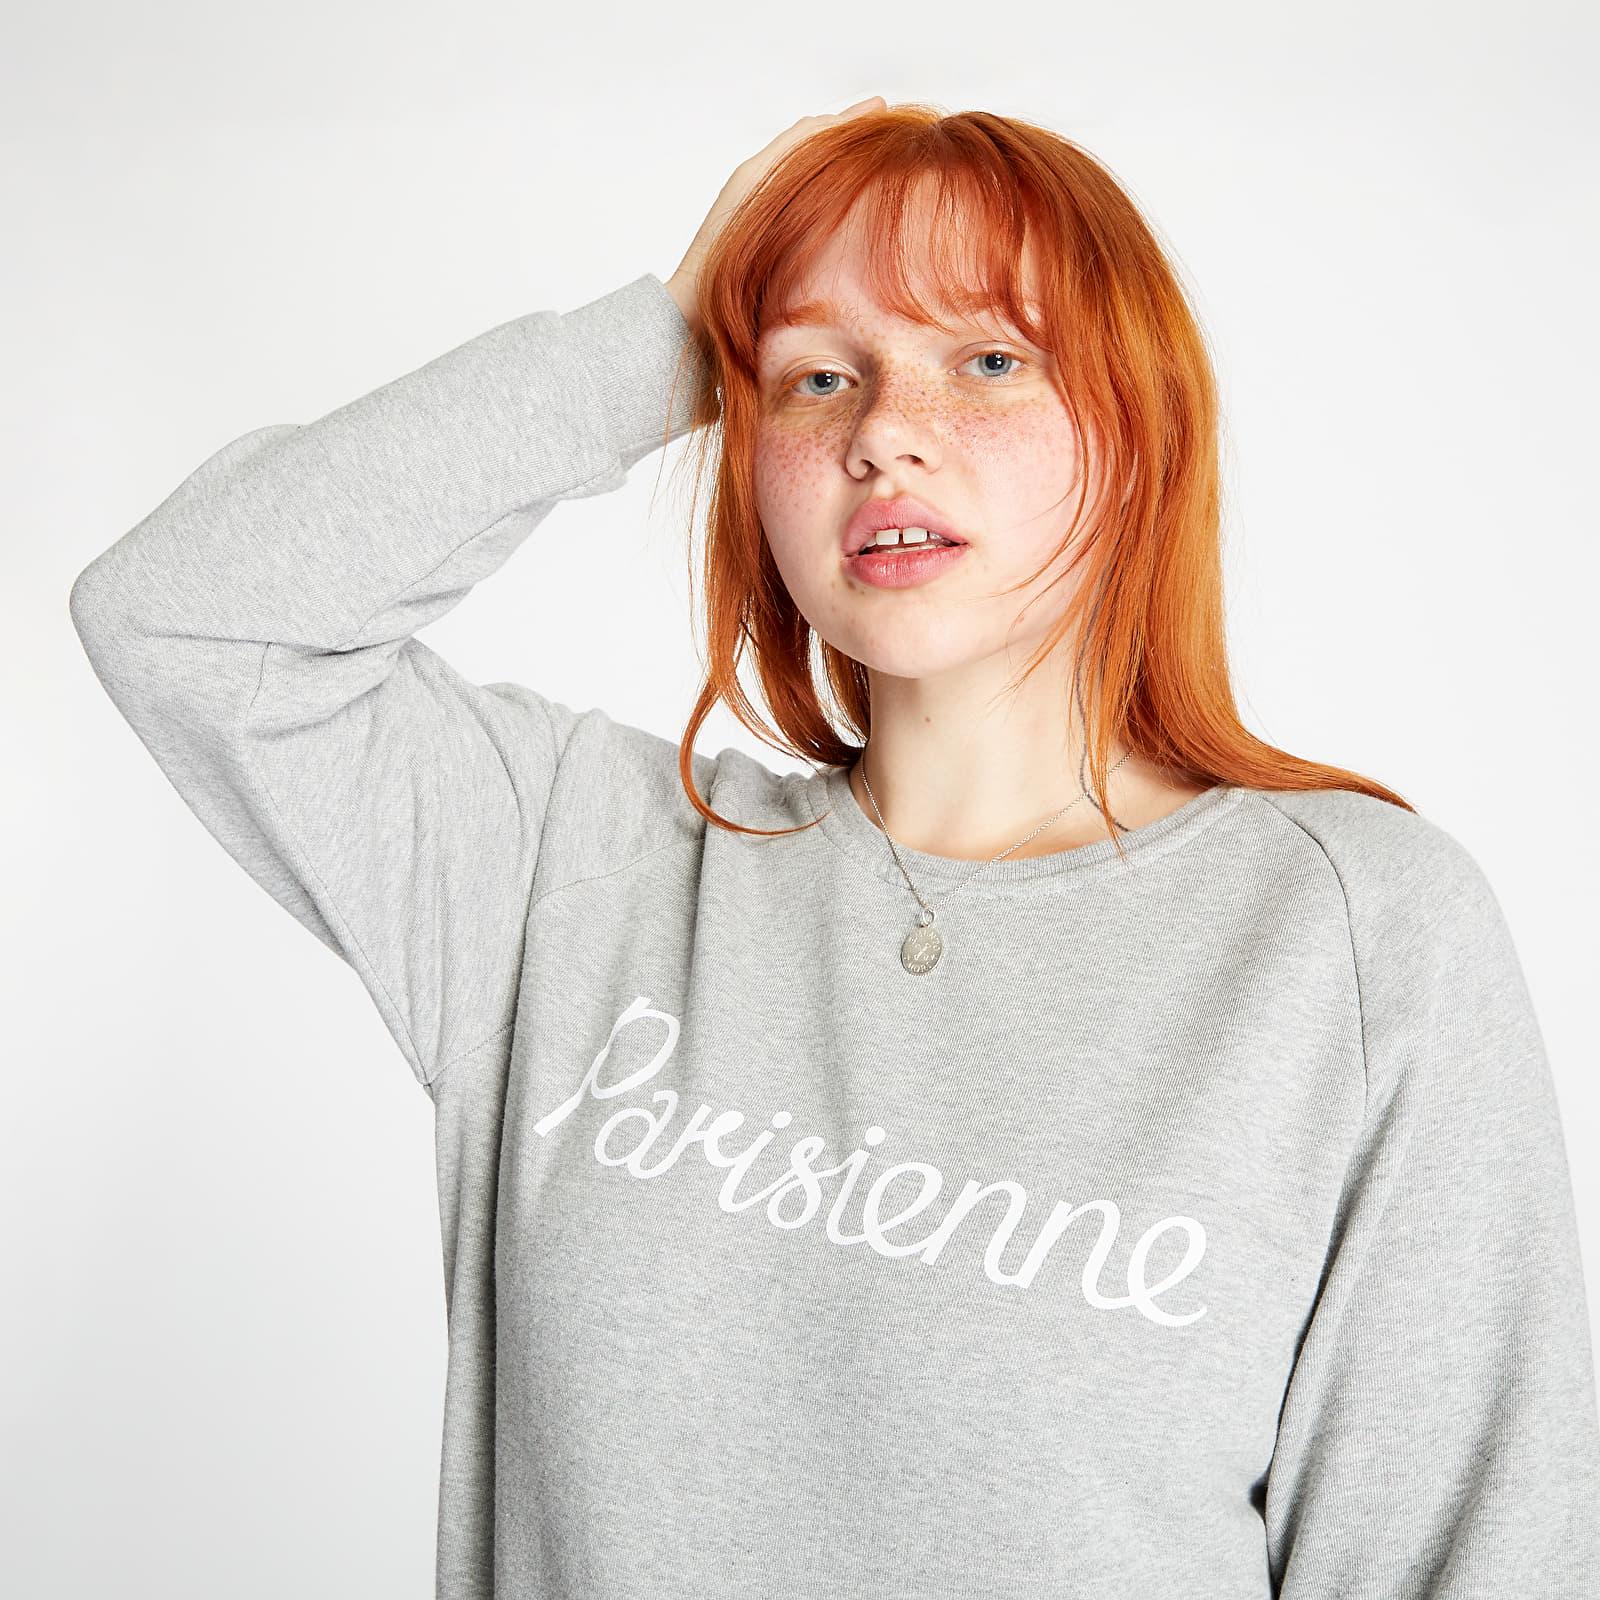 Φούτερ MAISON KITSUNÉ Parisienne Sweatshirt Grey Melange